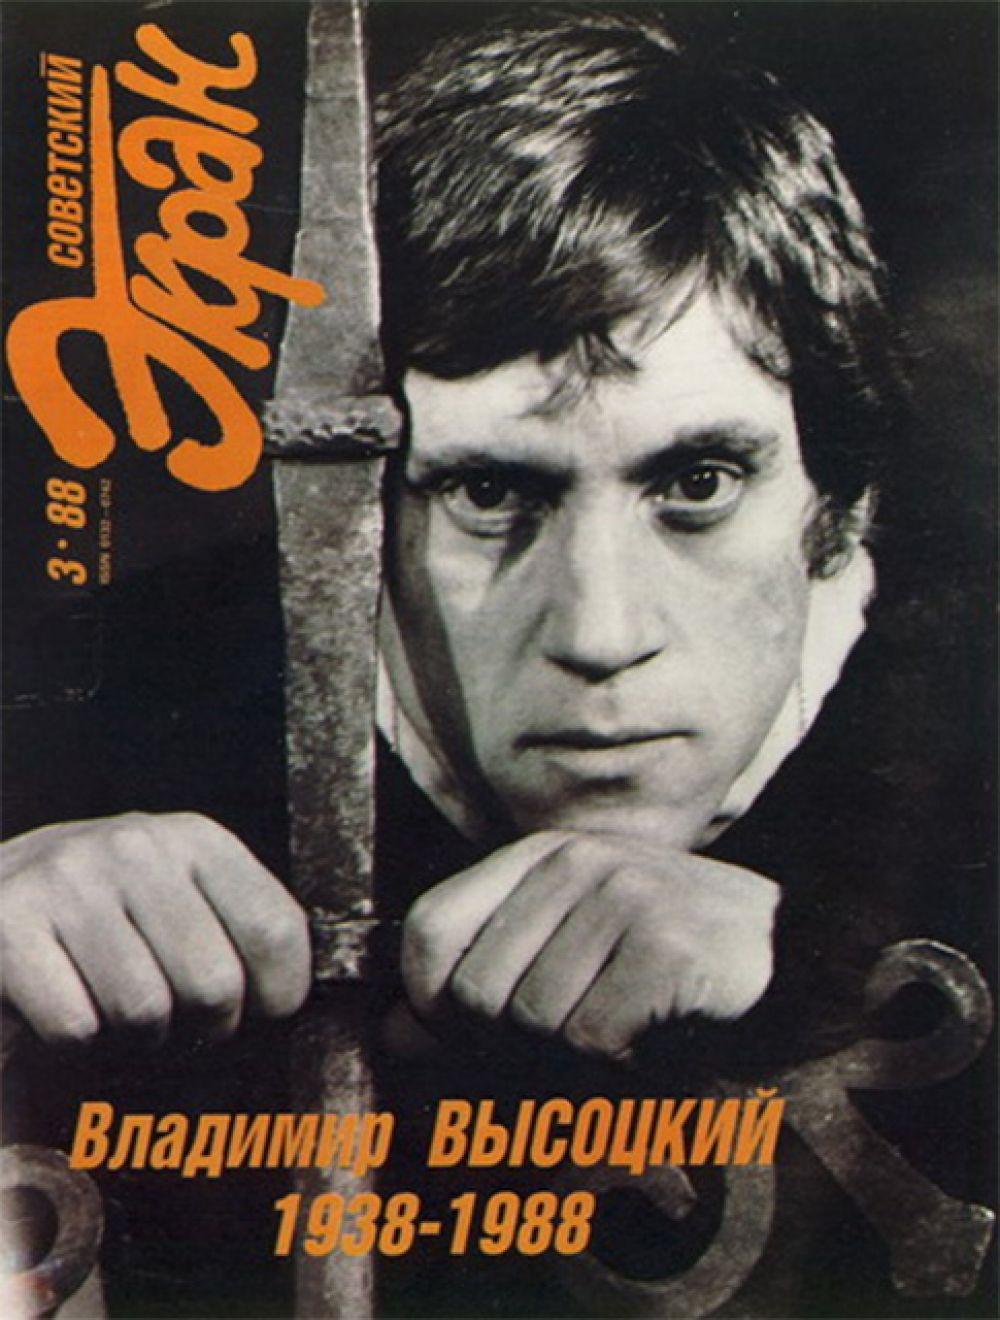 Журнал «Советский экран», март 1988 года. «Советский экран» издавался с 1925 по 1998 годы Союзом кинематографистов СССР совместно с Госкино СССР. Ежегодно «Советский экран» проводил опрос читателей для выявления лучшего фильма года.